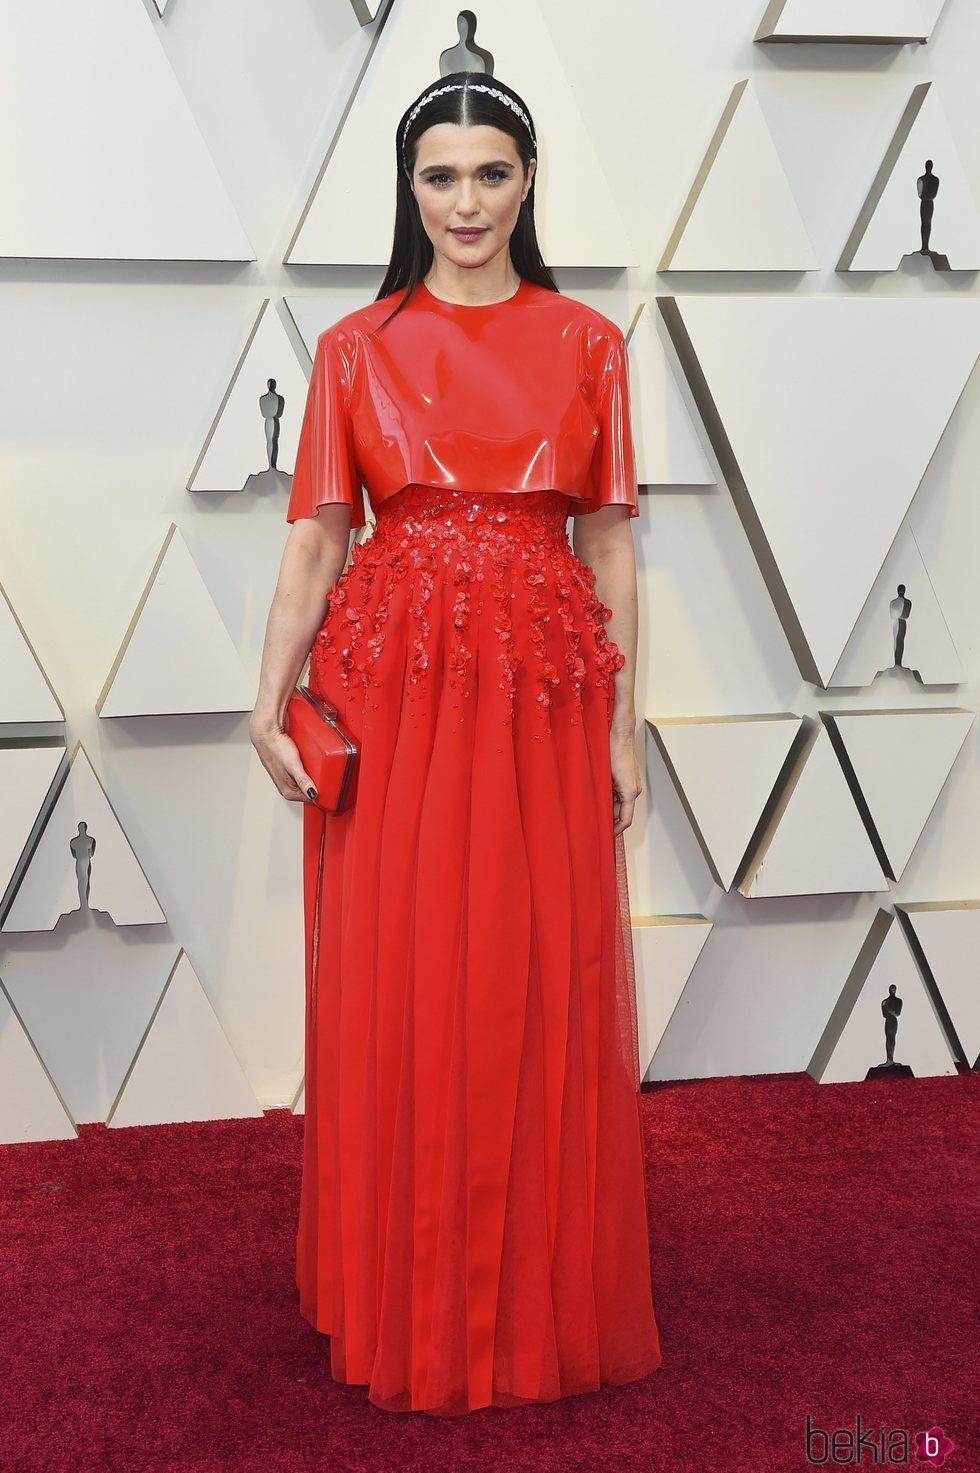 Rachel Weisz en la alfombra roja de los Premios Oscar 2019